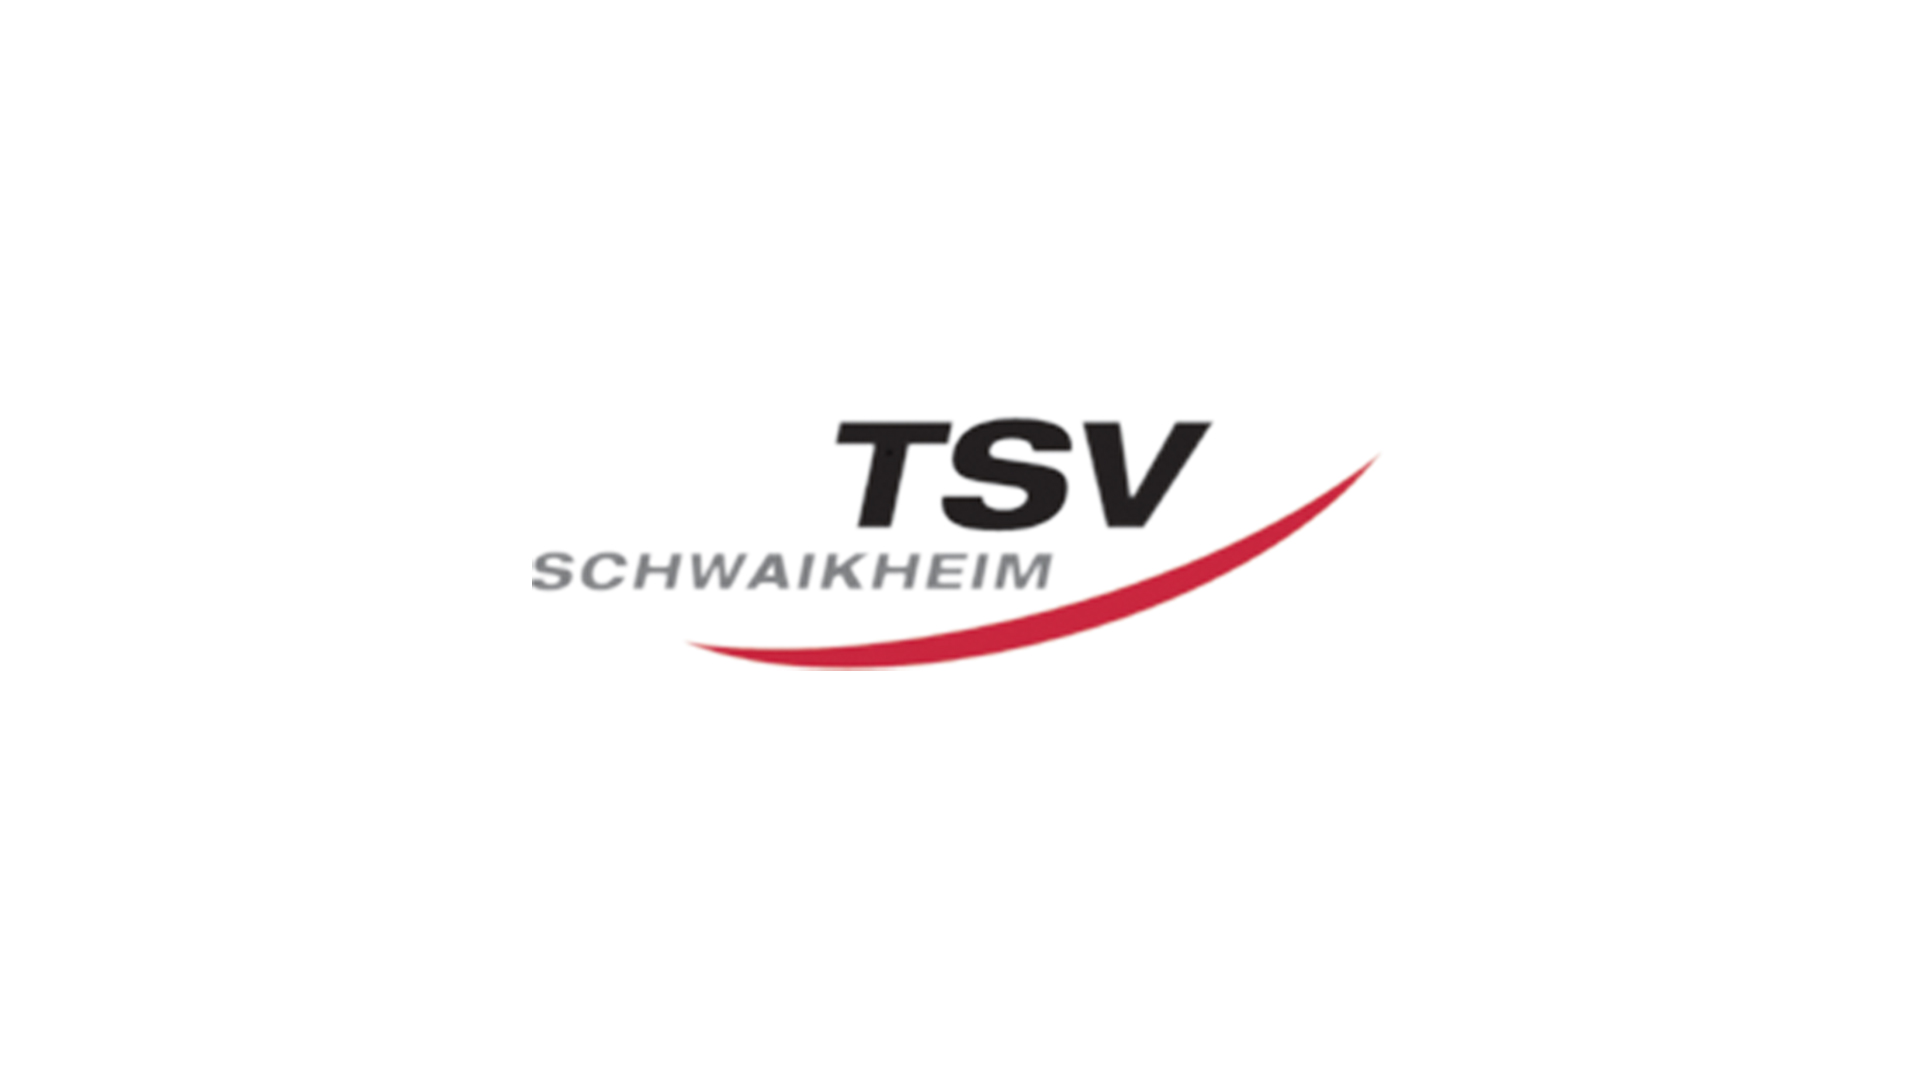 Pfleiderer Projektbau: Sponsoring TSV Schwaikheim